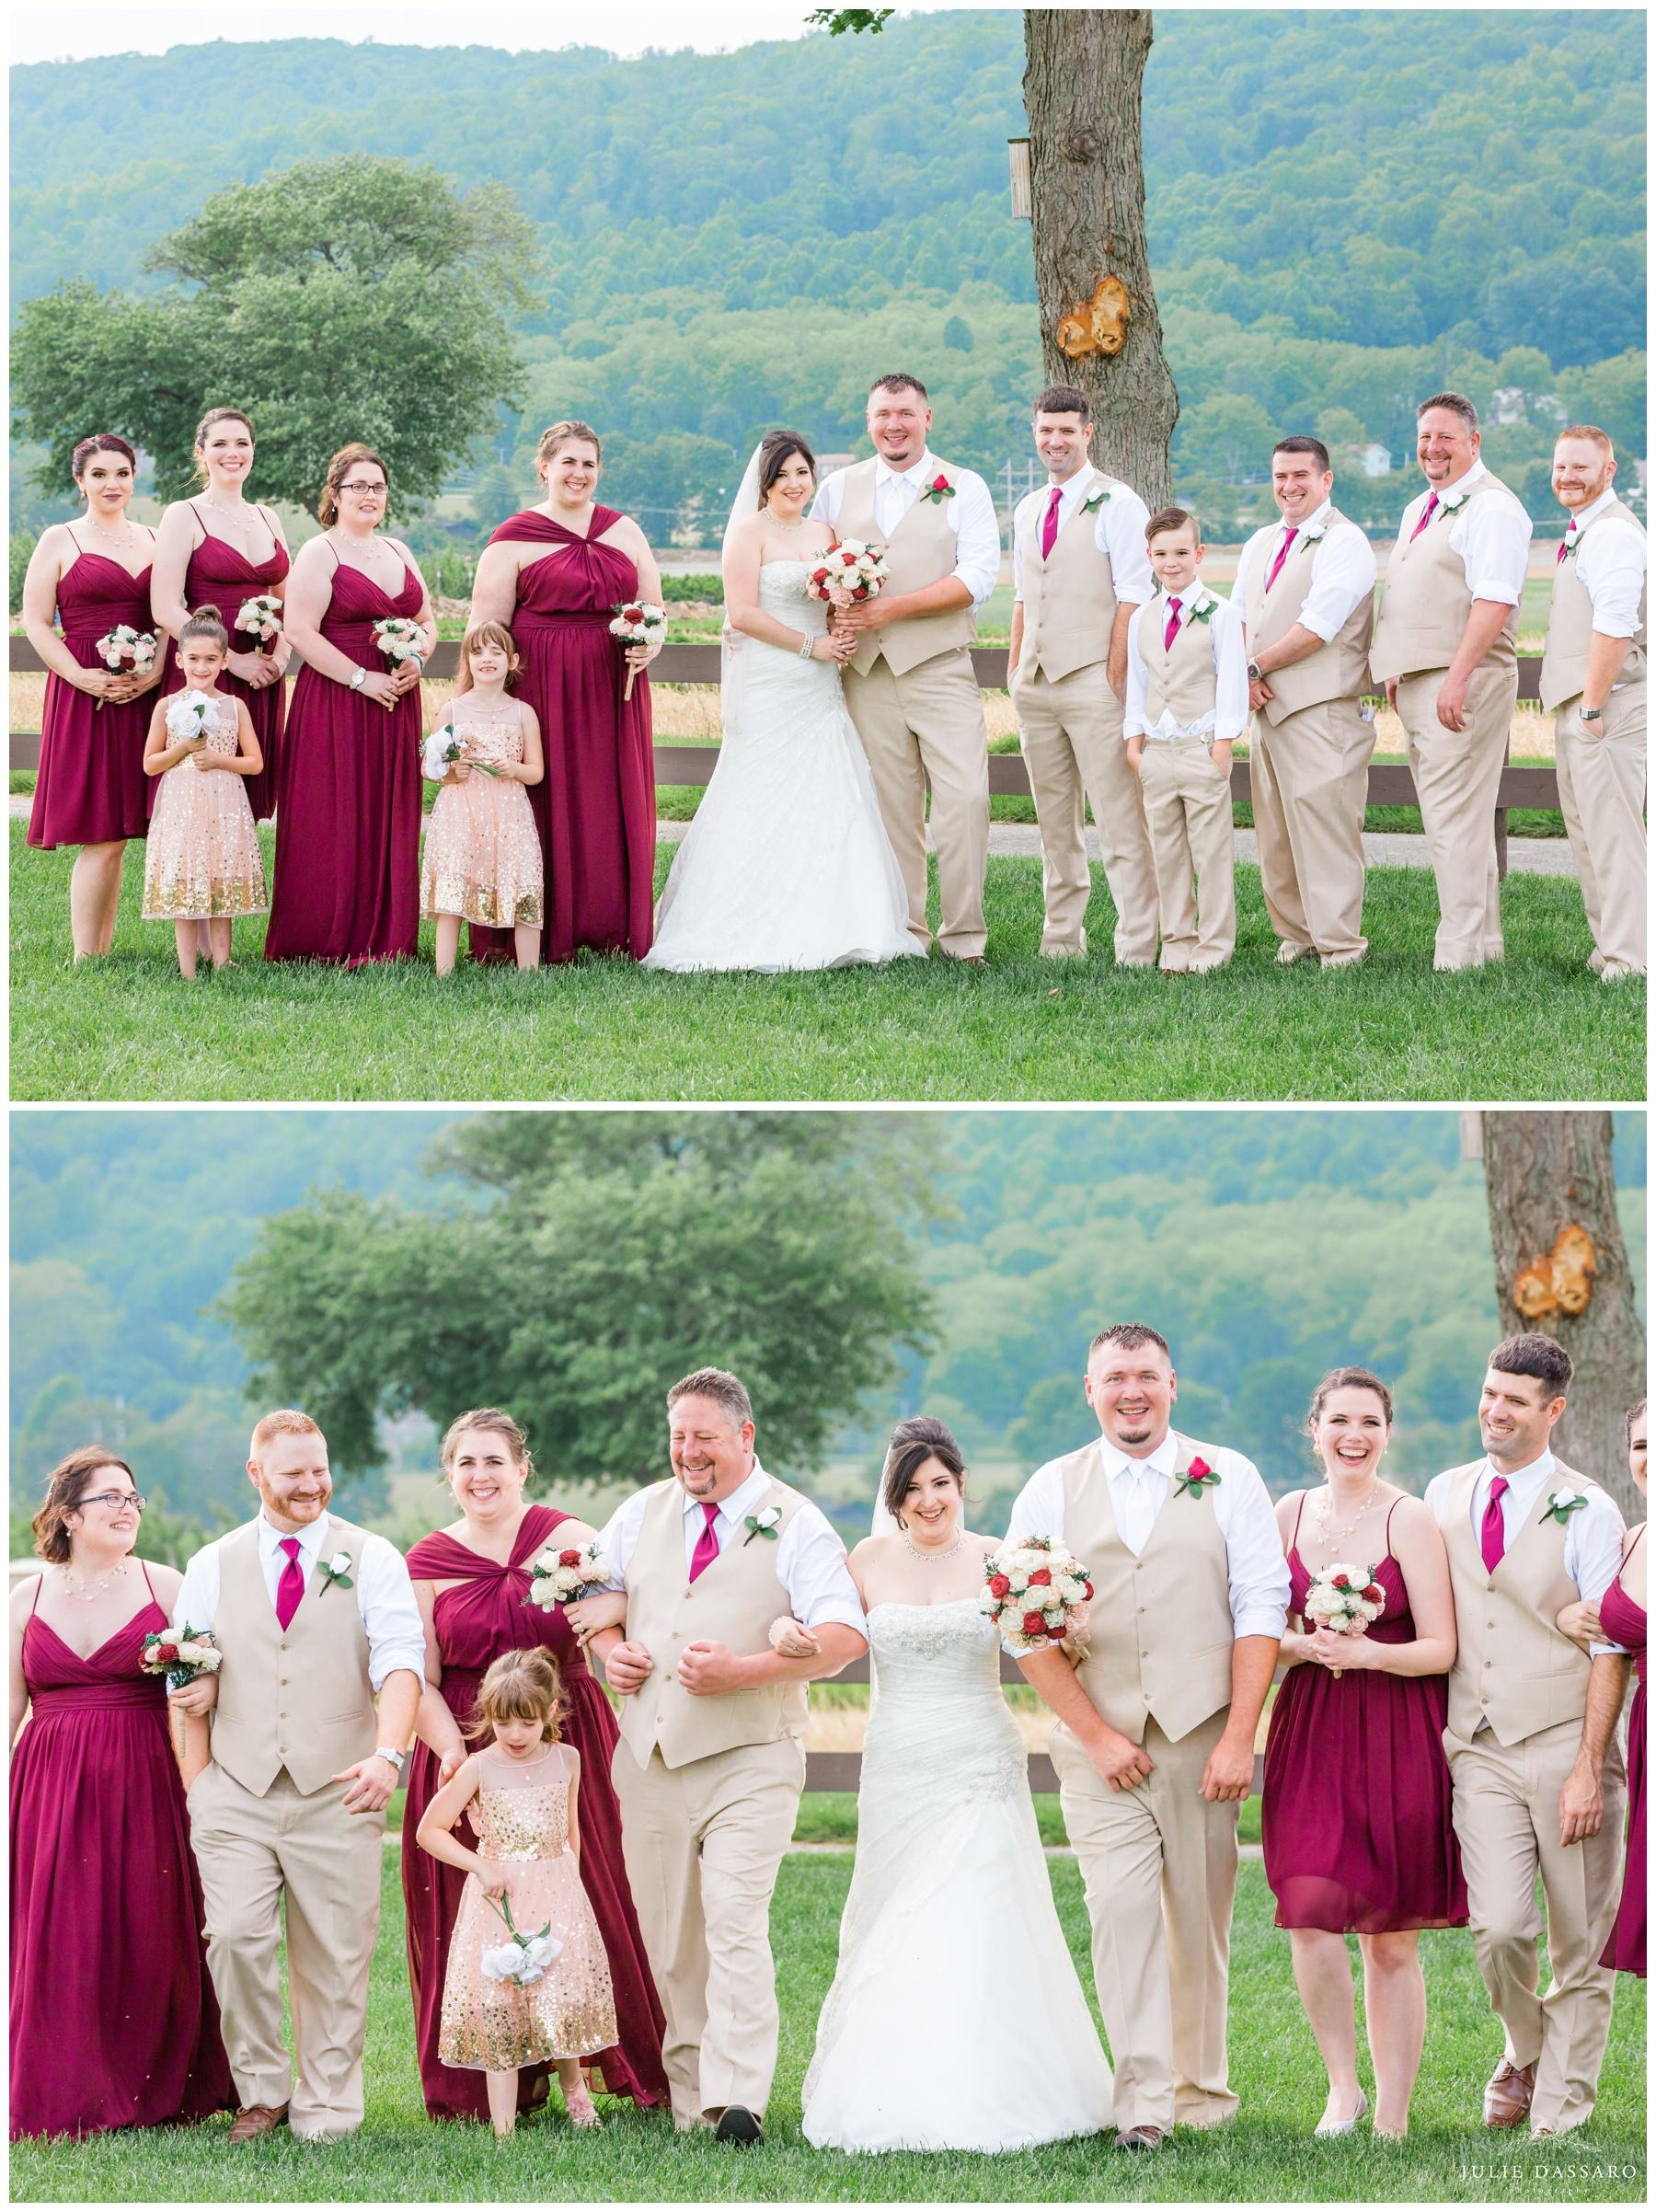 bridal party cranberry and beige color scheme